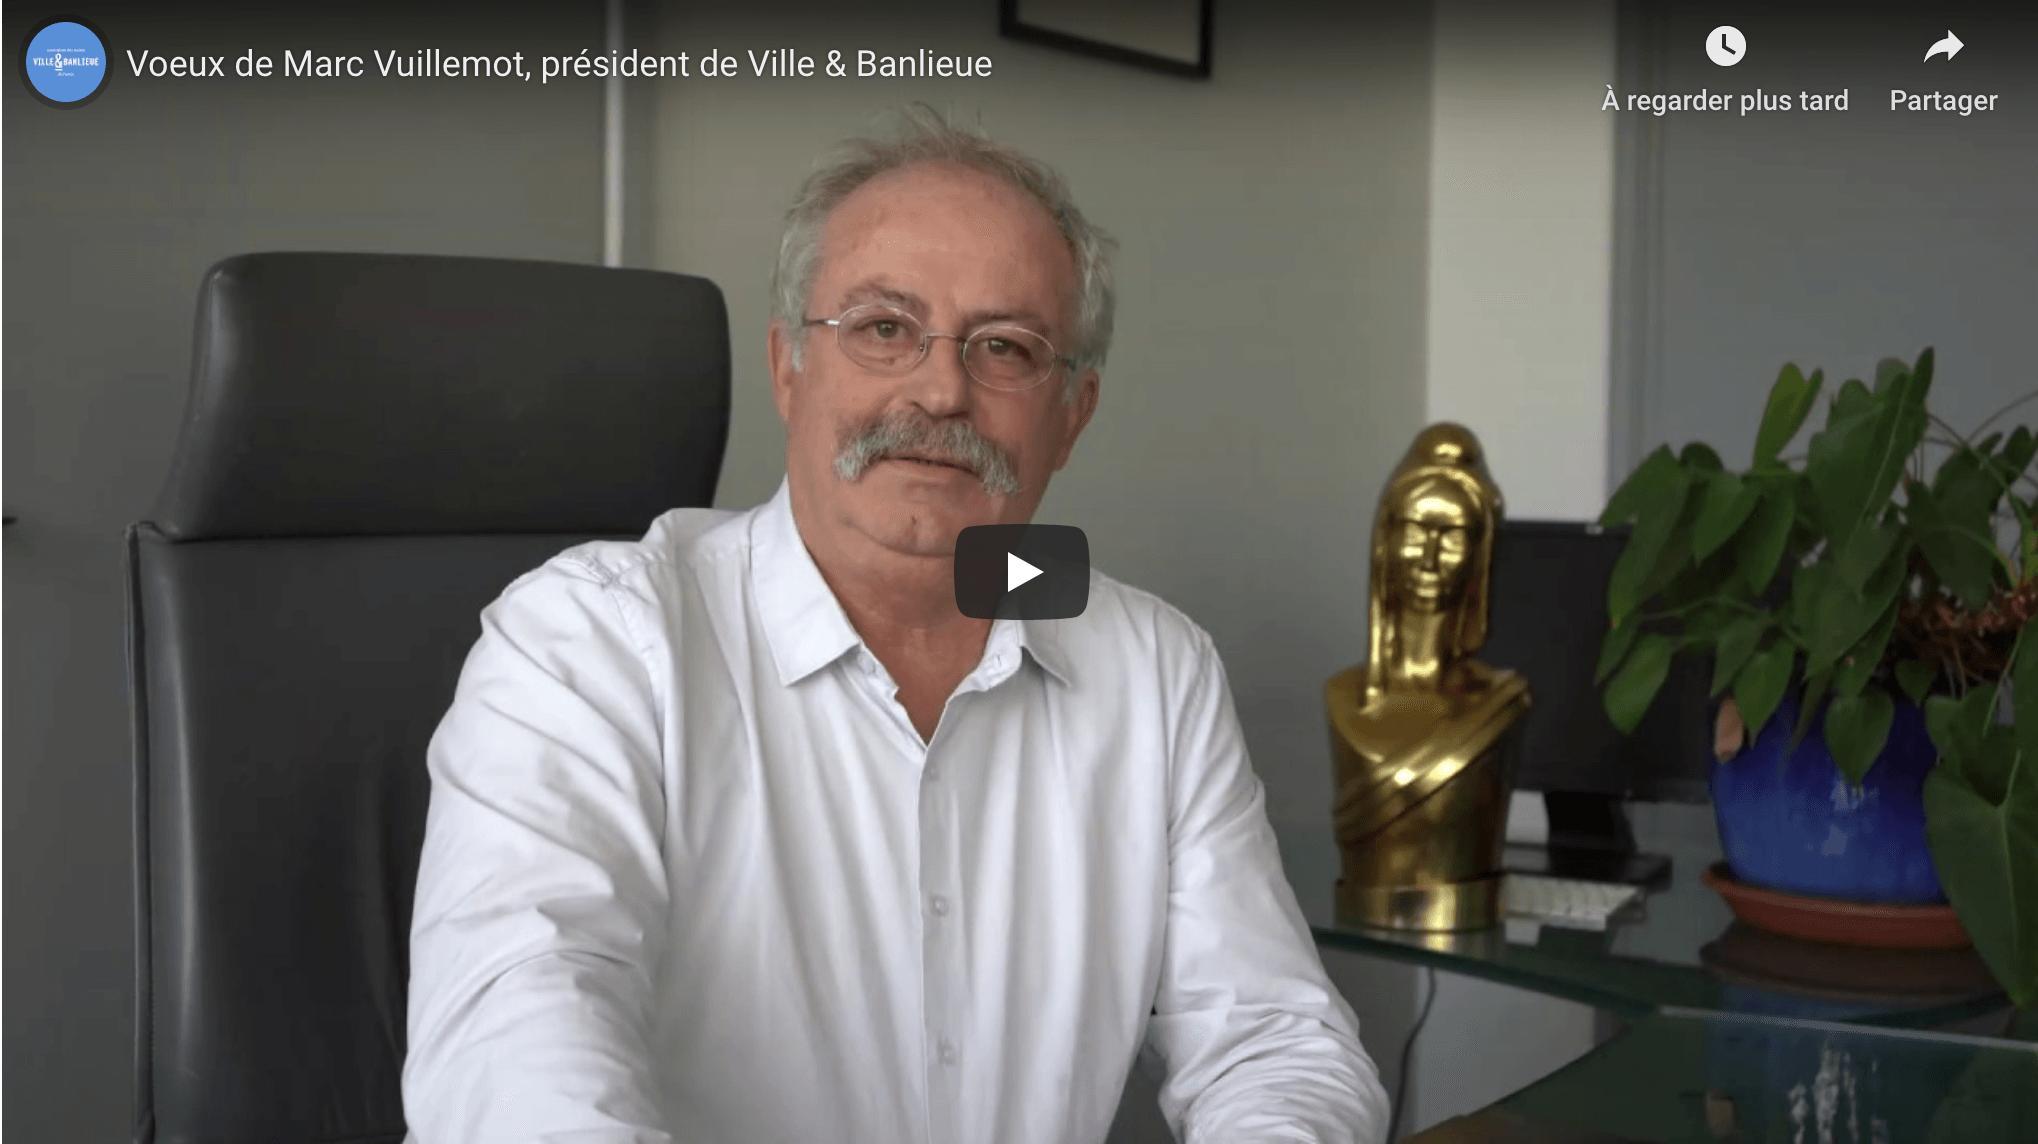 Voeux de Marc Vuillemot, président de Ville & Banlieue